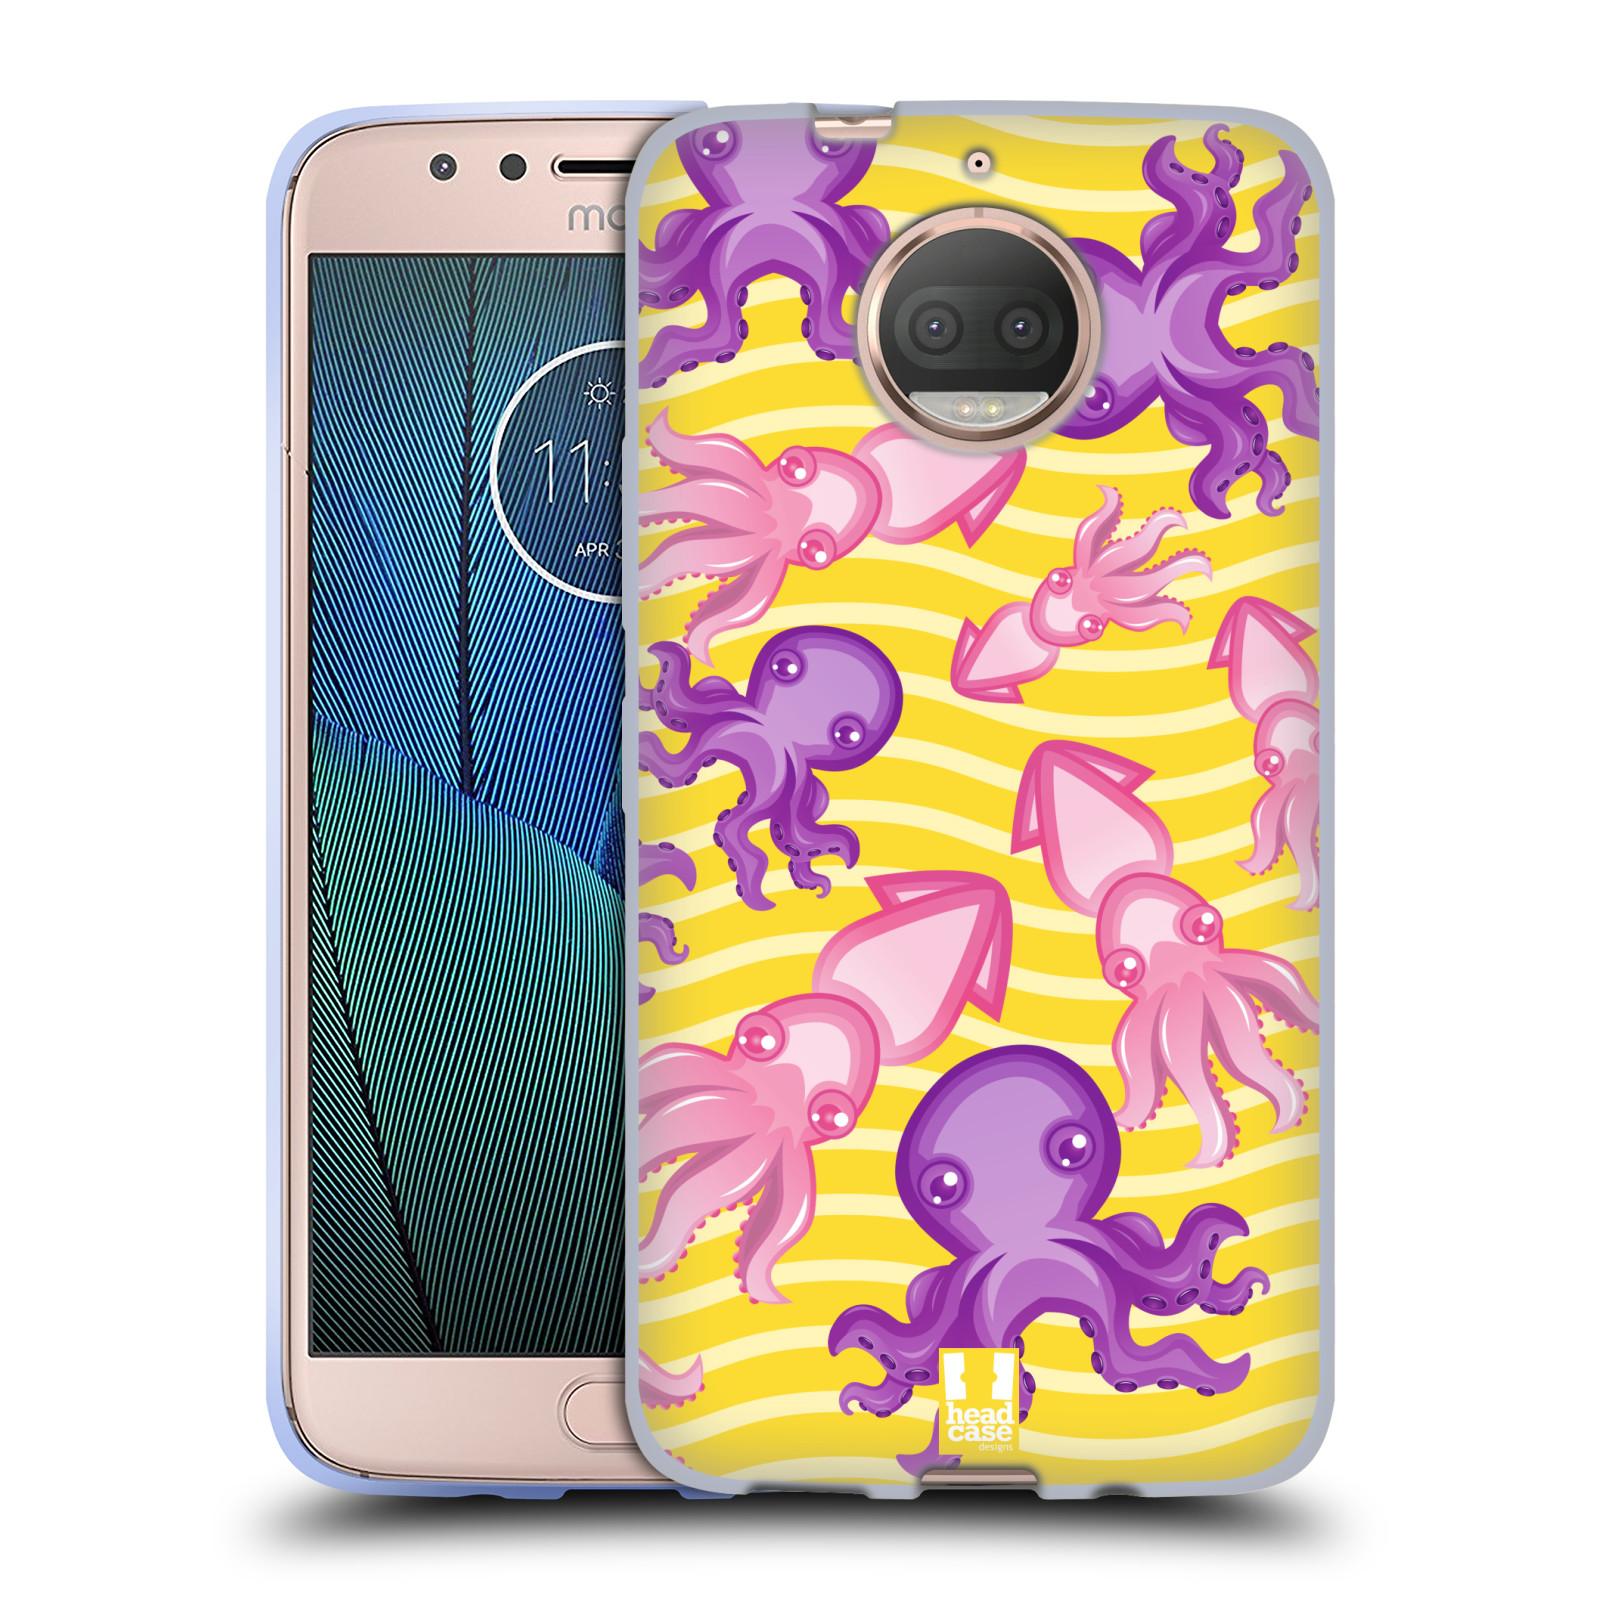 HEAD CASE silikonový obal na mobil Lenovo Moto G5s PLUS vzor mořský živočich chobotnice